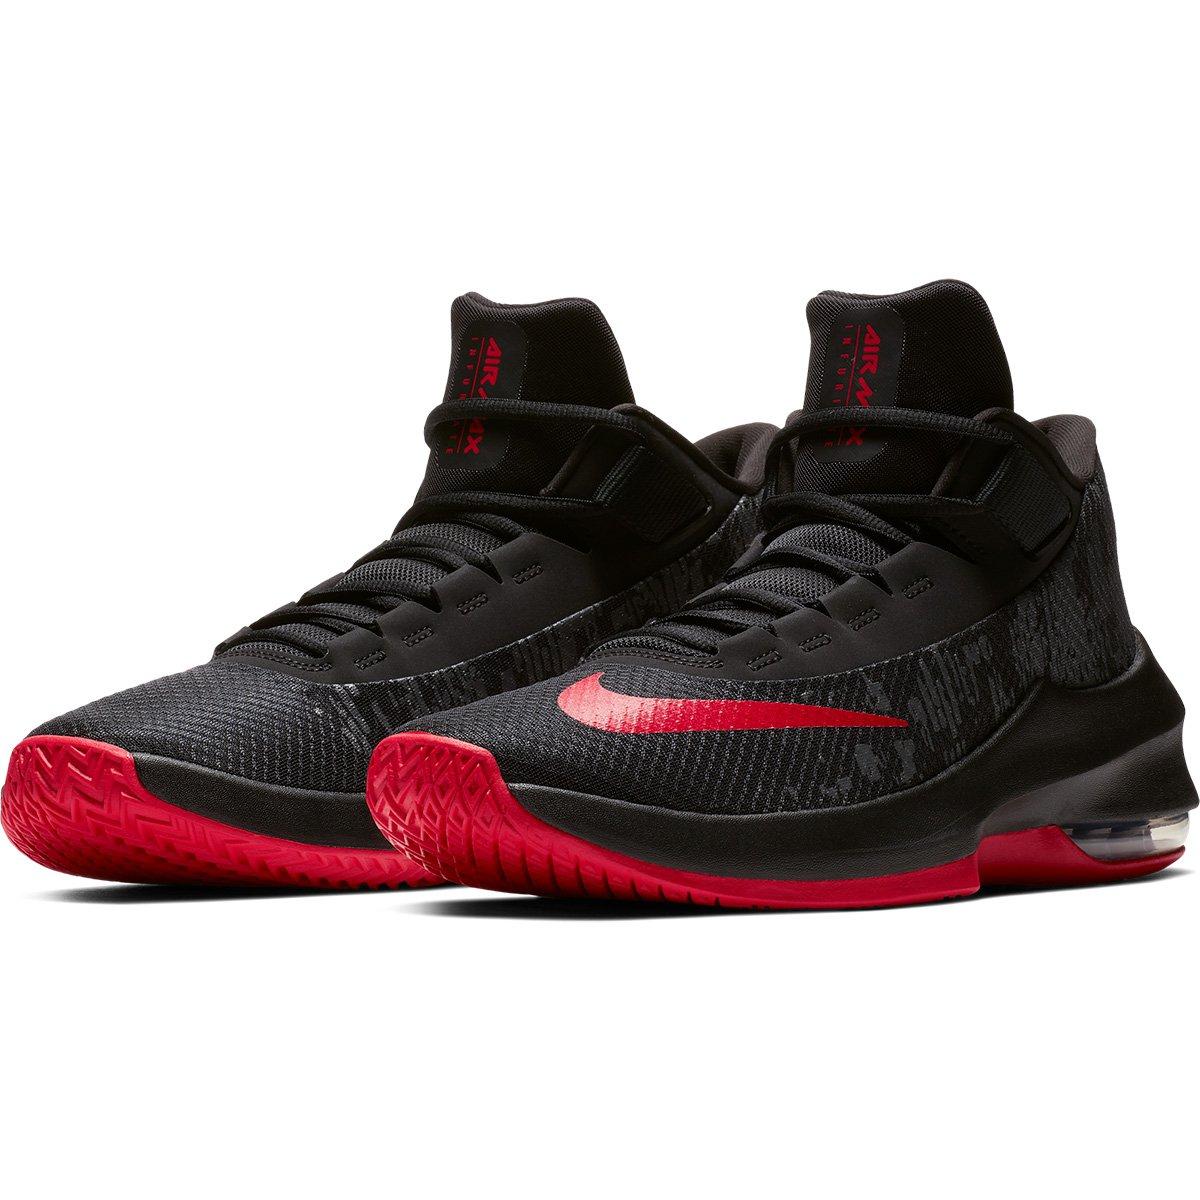 f794195a7c7 Tênis Nike Air Max Infuriate 2 Mid Masculino - Preto e Vermelho - Compre  Agora